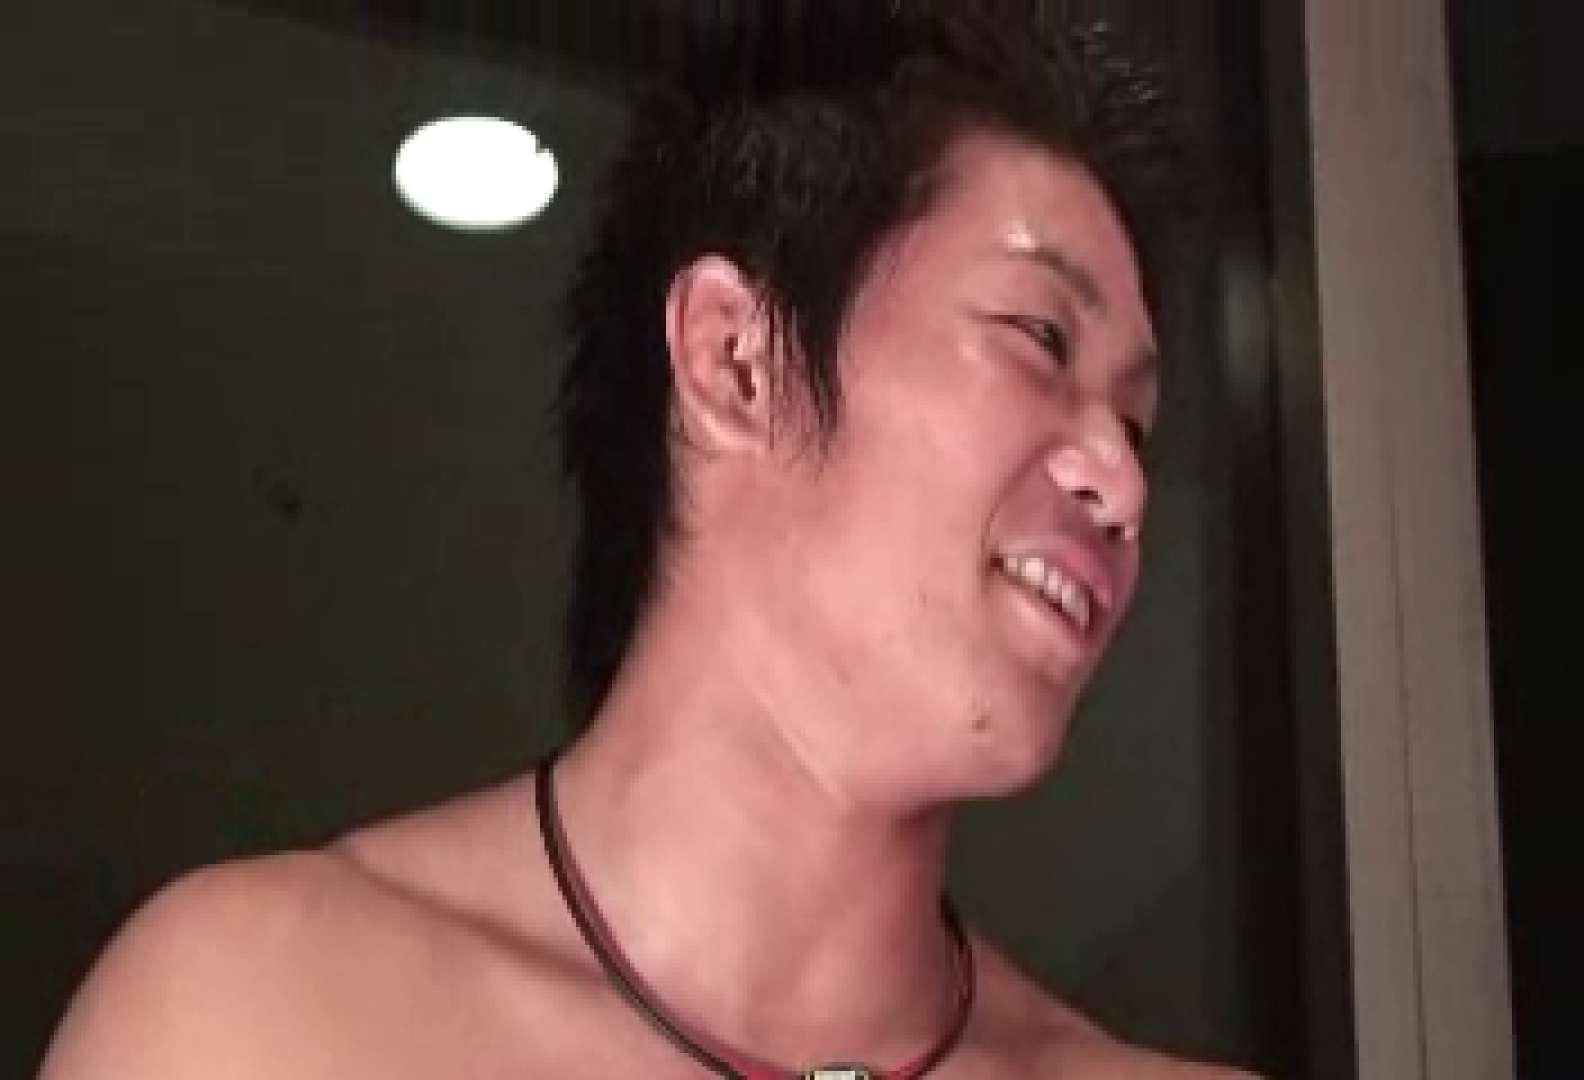 スリ筋!!Nice Finish!!vol.02 イケメンズ ゲイ無修正ビデオ画像 79枚 33